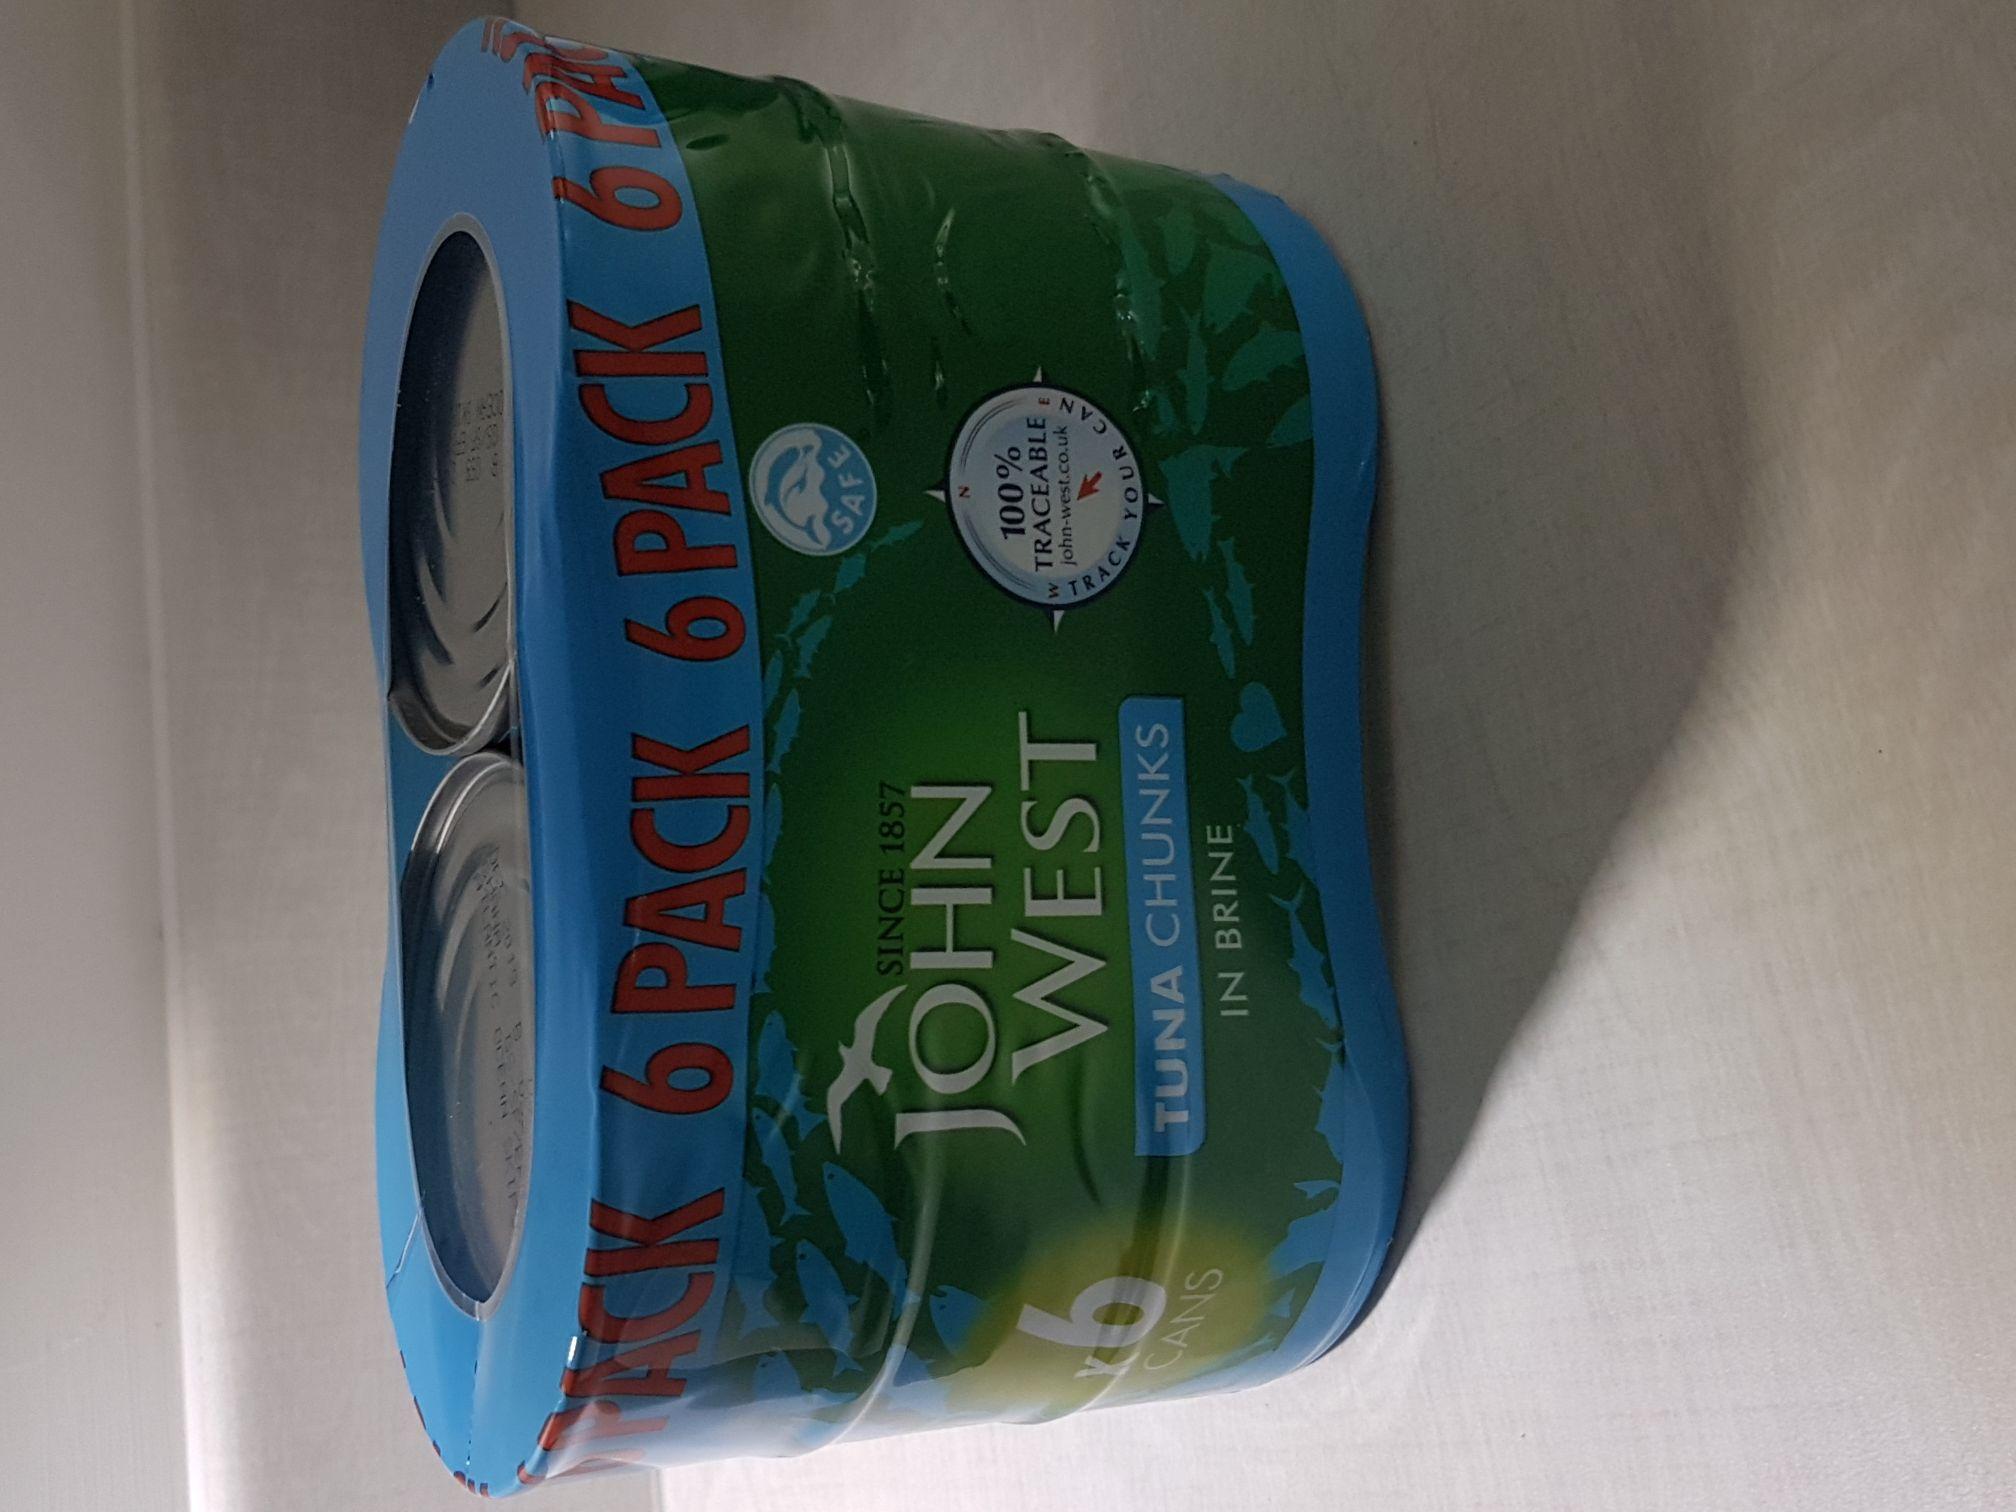 John West 6 pack tuna chunks in store Asda - £4.50